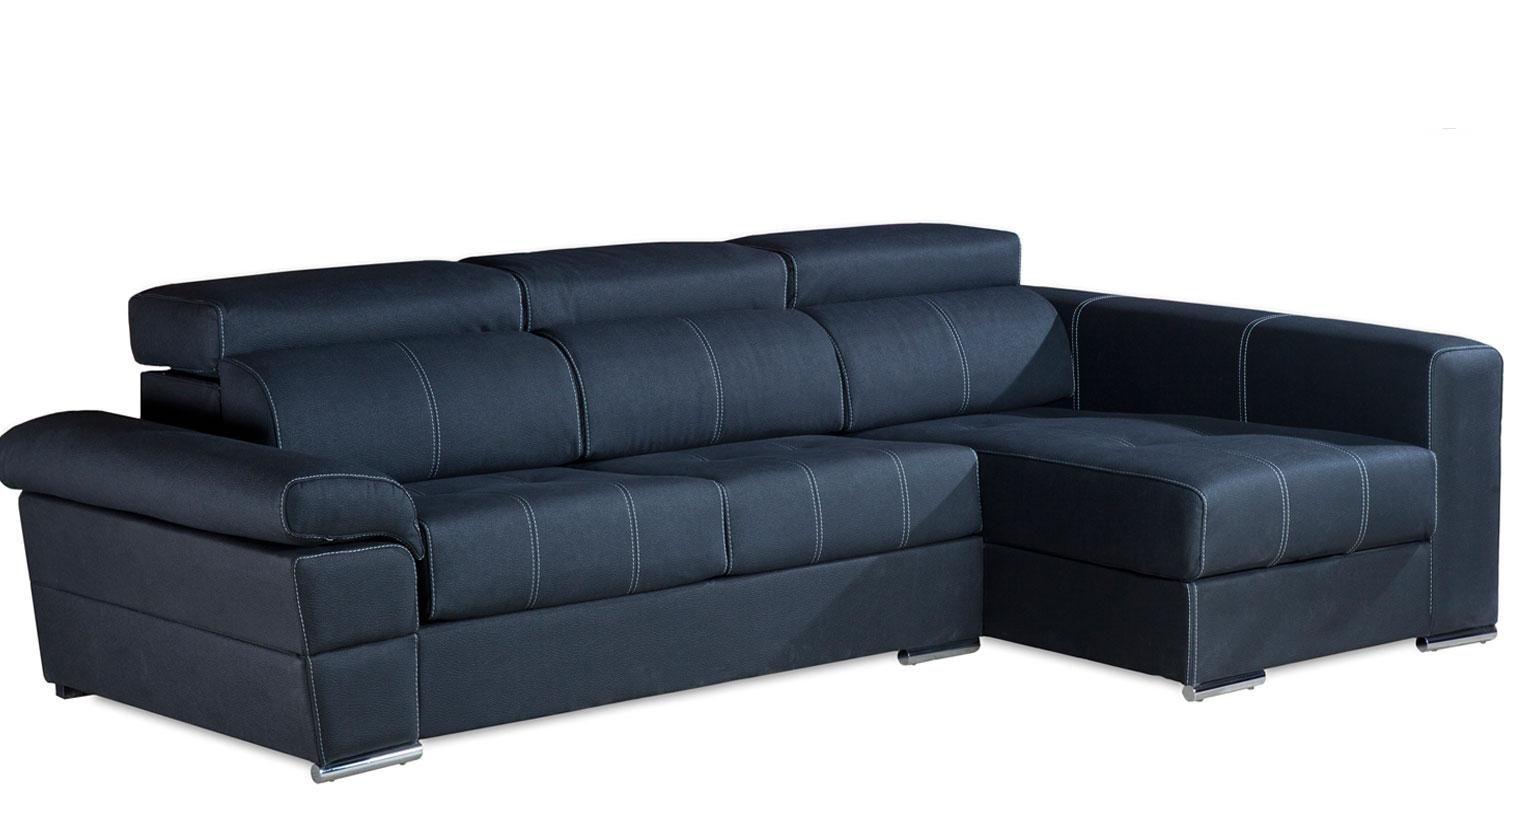 Comprar chaise longue valencia sofa 4 plazas microfibra mozart for Sofas baratos asturias